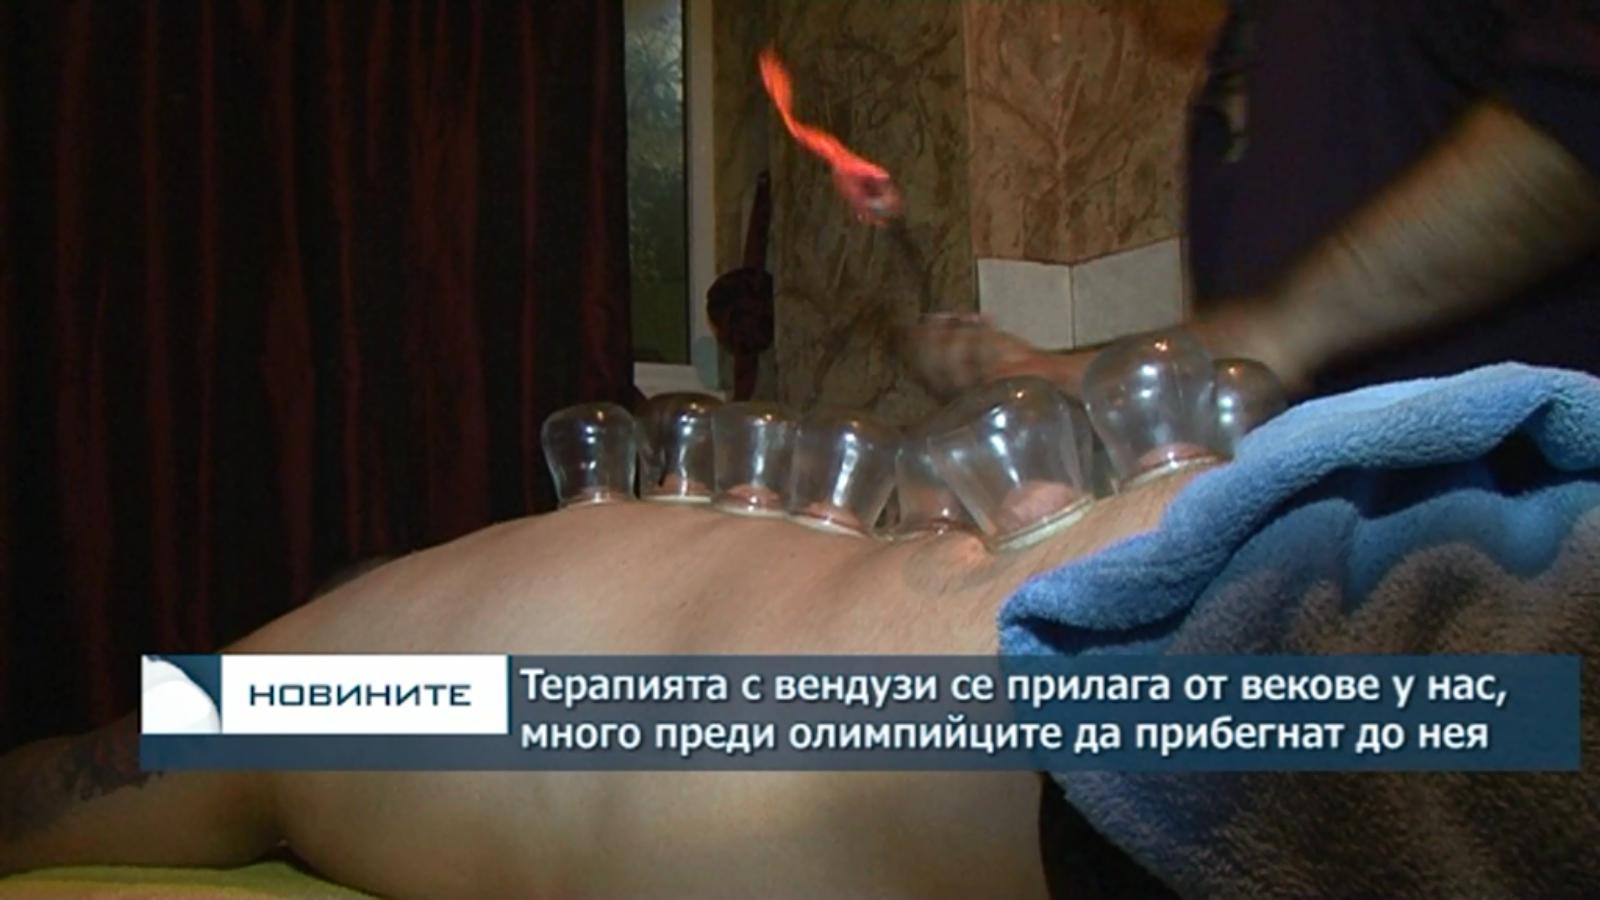 Кан Терапия - Николай Христов - Вакуум терапия (Видео)